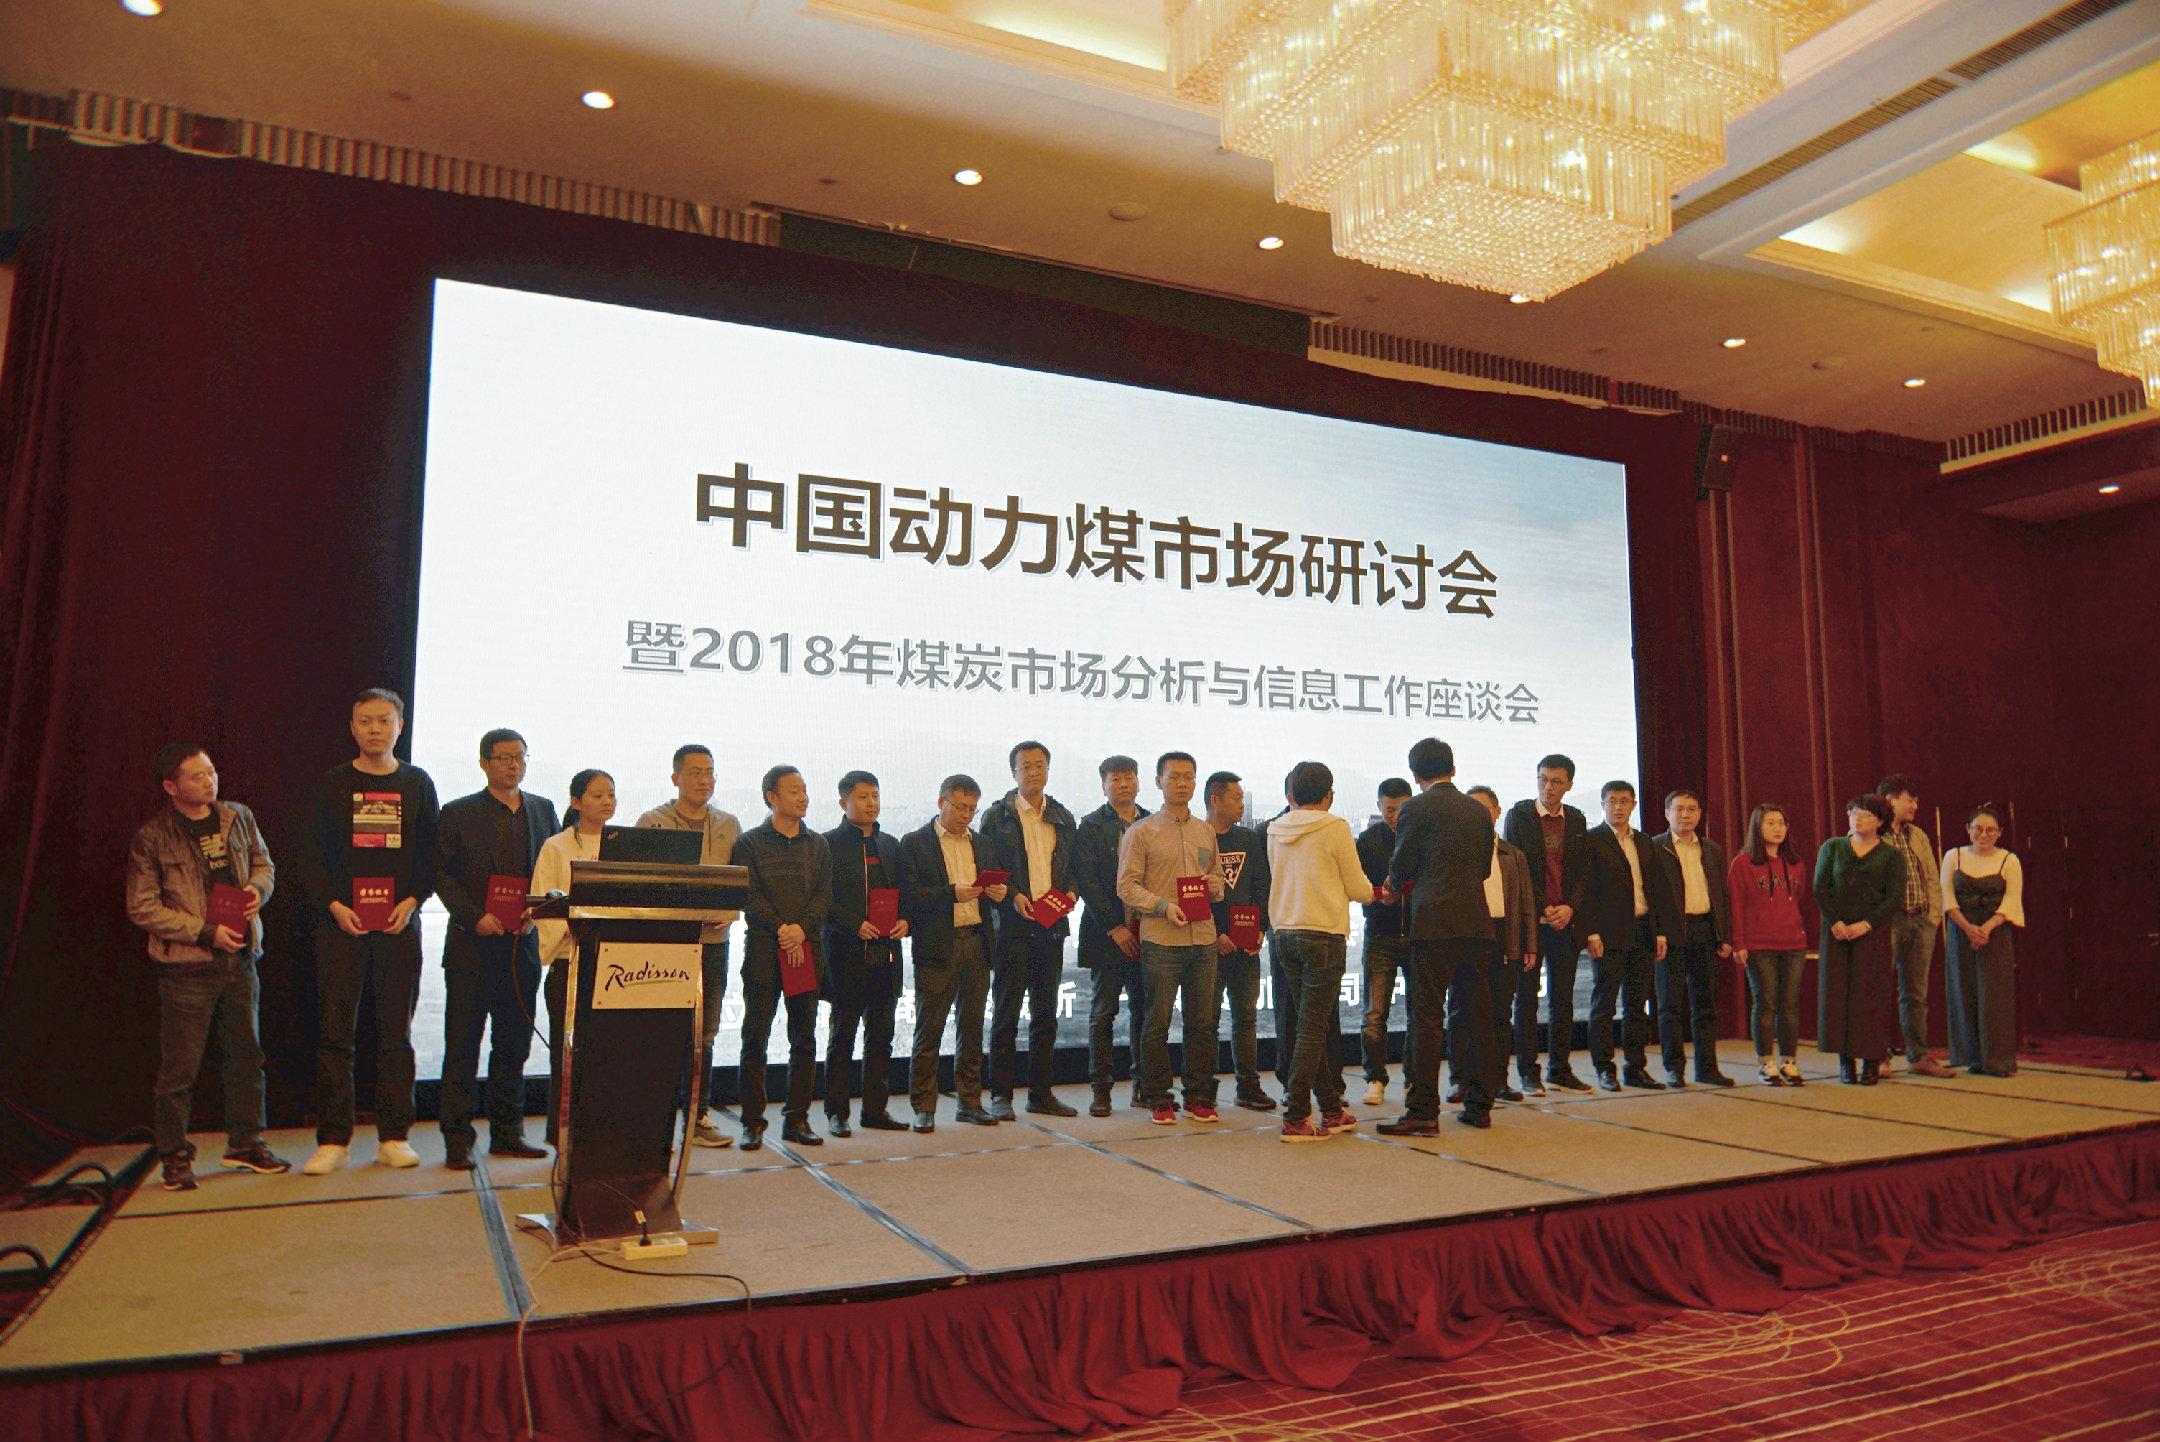 中国煤炭市场网英文版(cctdcoal)正式上线发布仪式